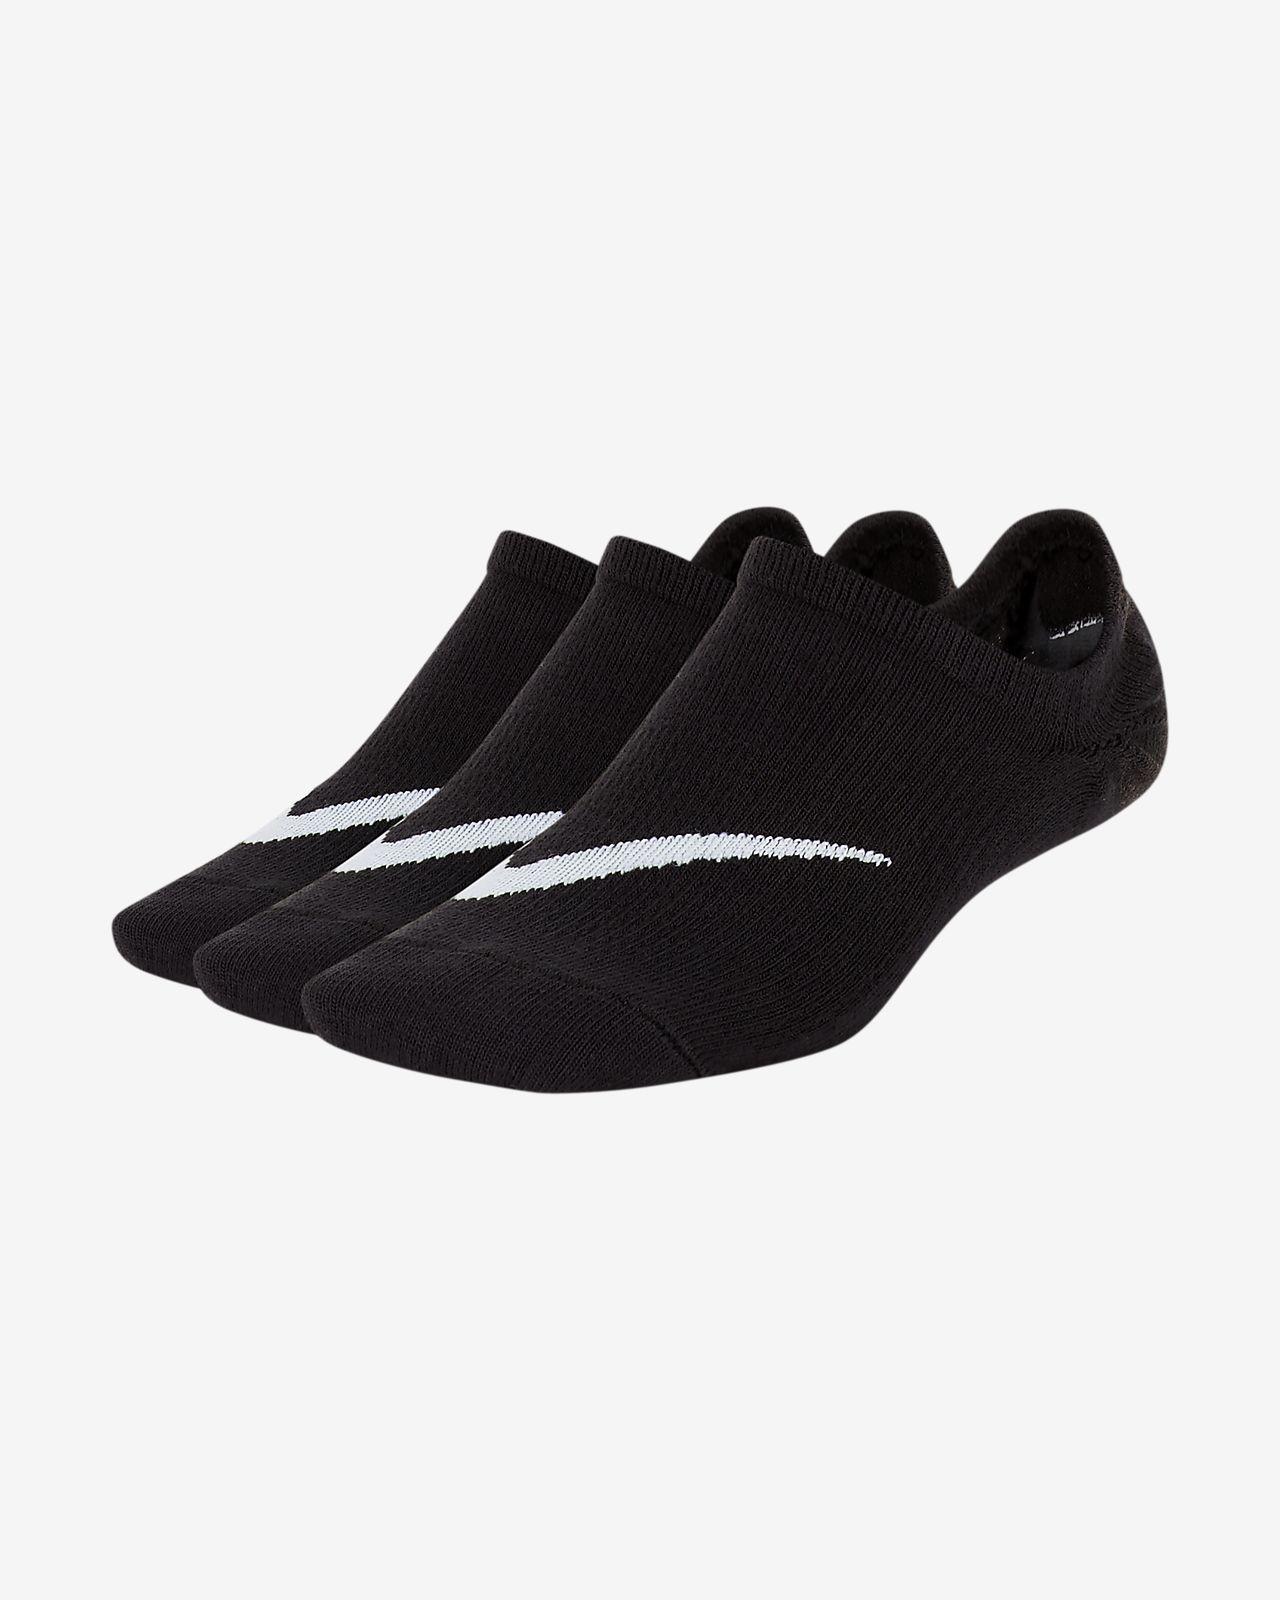 Короткие легкие носки для детей Nike Everyday (3 пары)